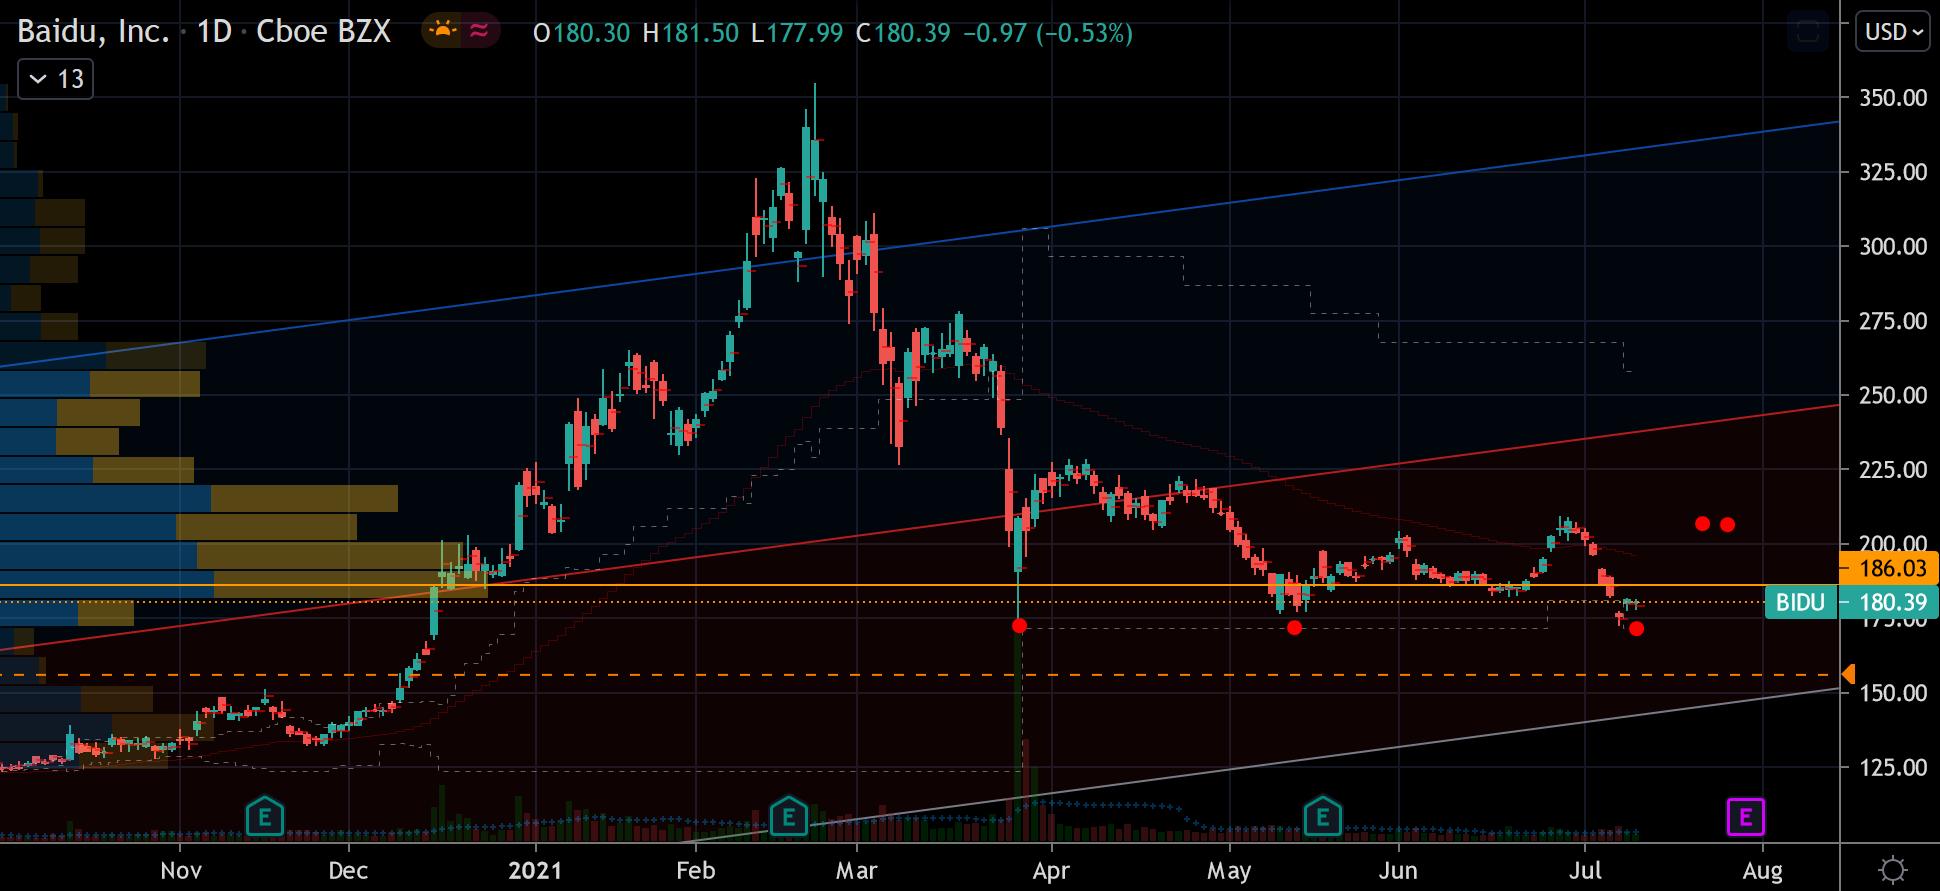 Baidu (BIDU) Stock Chart Showing Potential Base Near